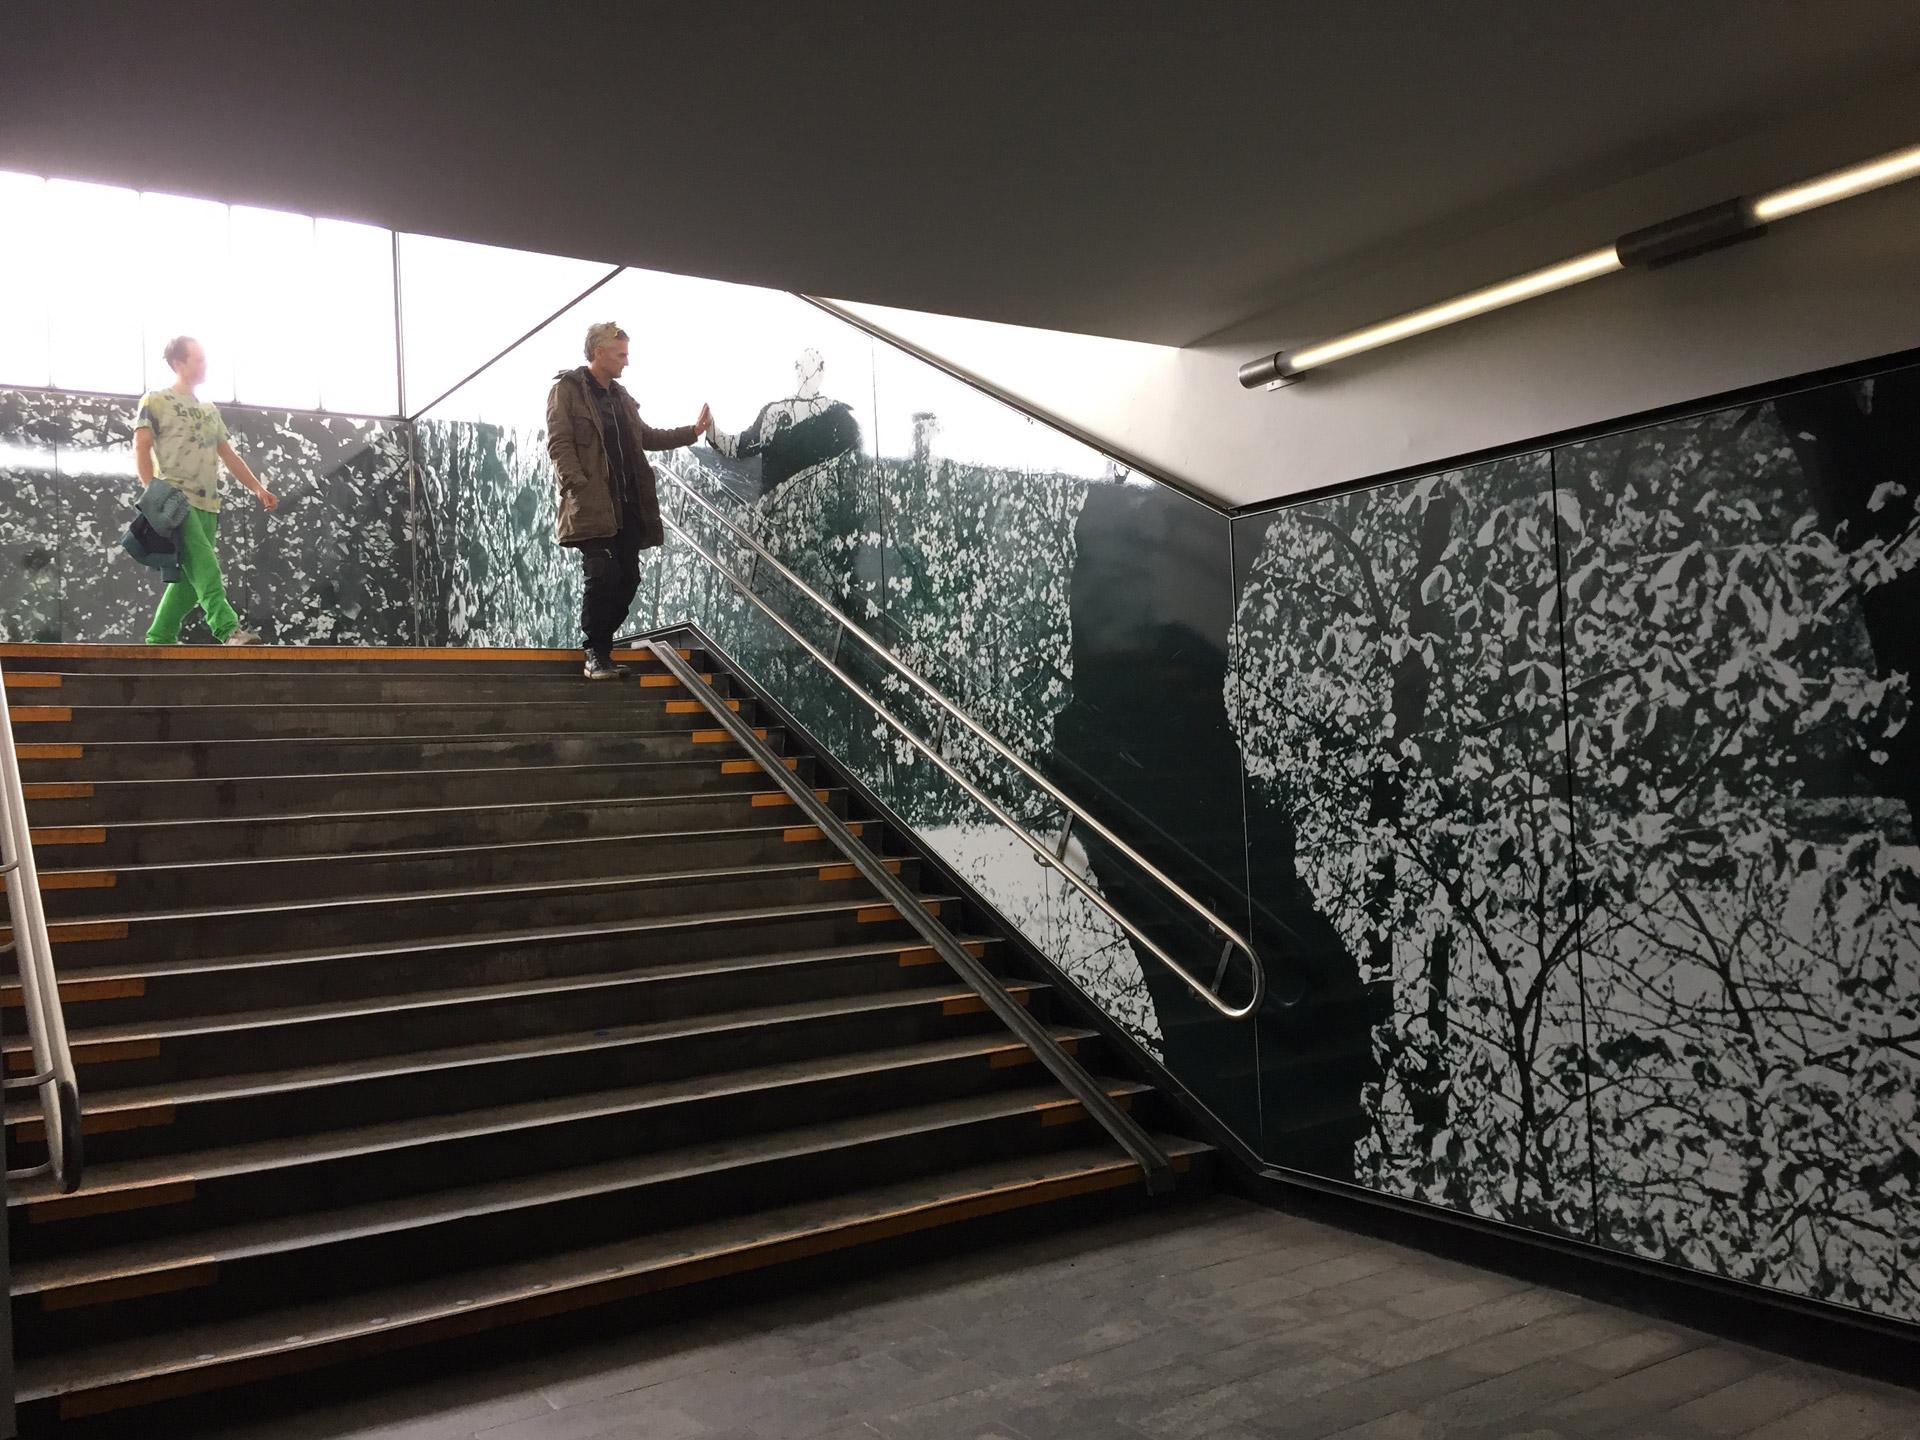 Mikkel Grabowski's exhibition at Bagsværd Station